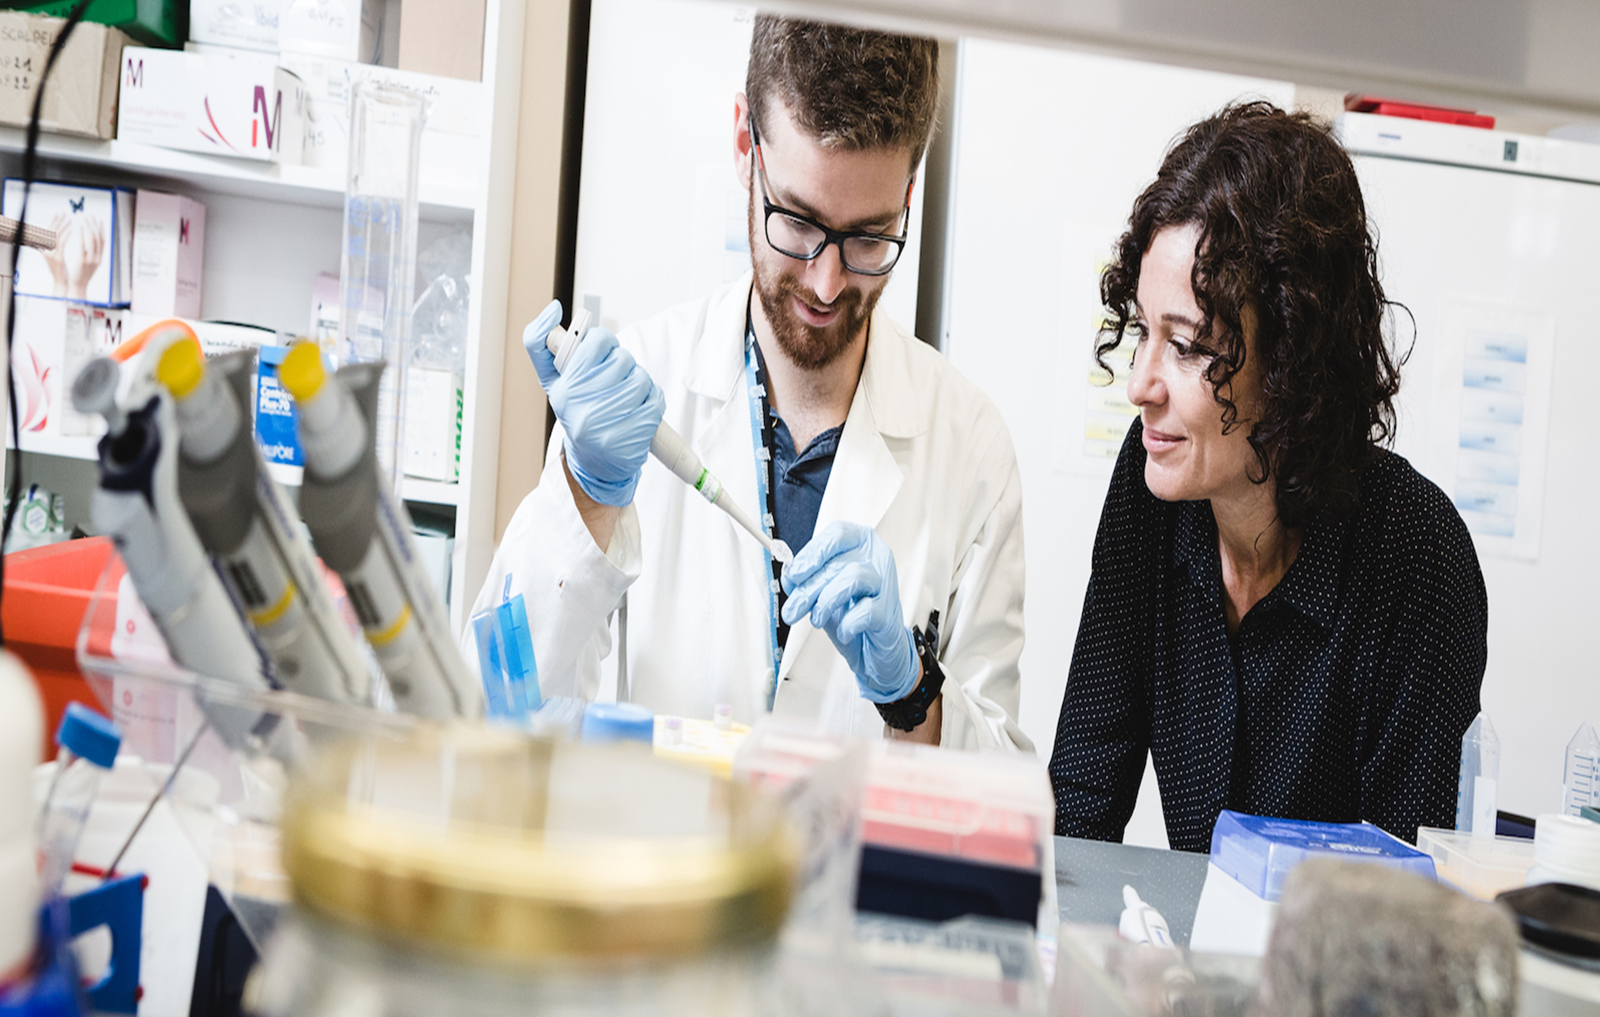 Chercheuse en neurobiologie du développement à l'Institut NeuroMyoGène de Lyon, Valérie Castellani vient de recevoir la médaille de l'innovation du CNRS (photo : Frédérique Plas / INMG / Photothèque).